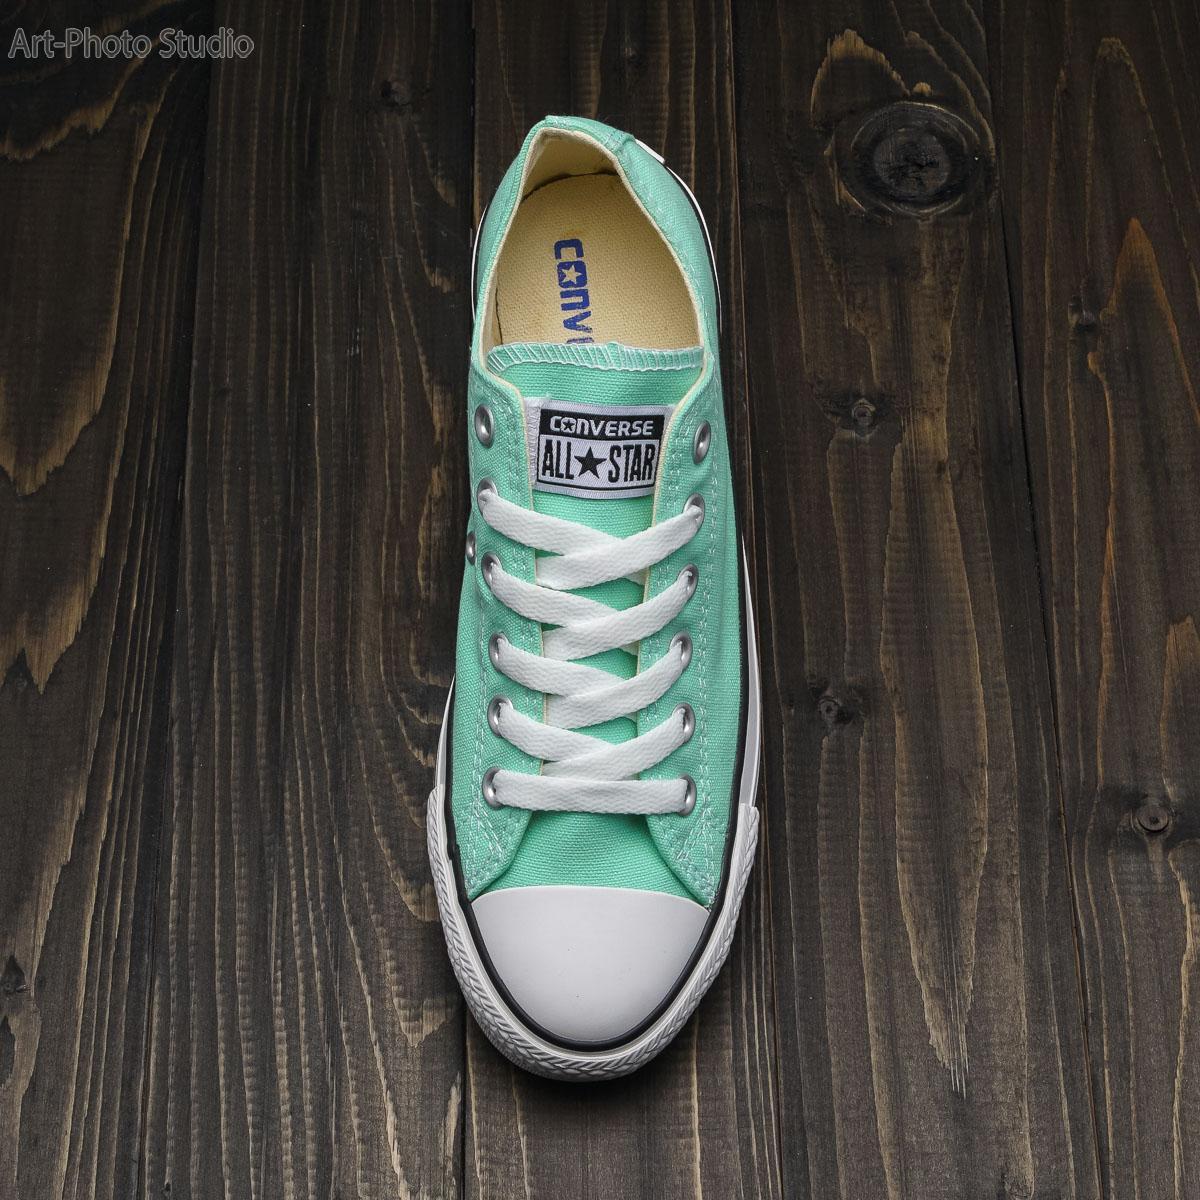 предметная съемка для каталога обуви в Харькове - кеды Converse